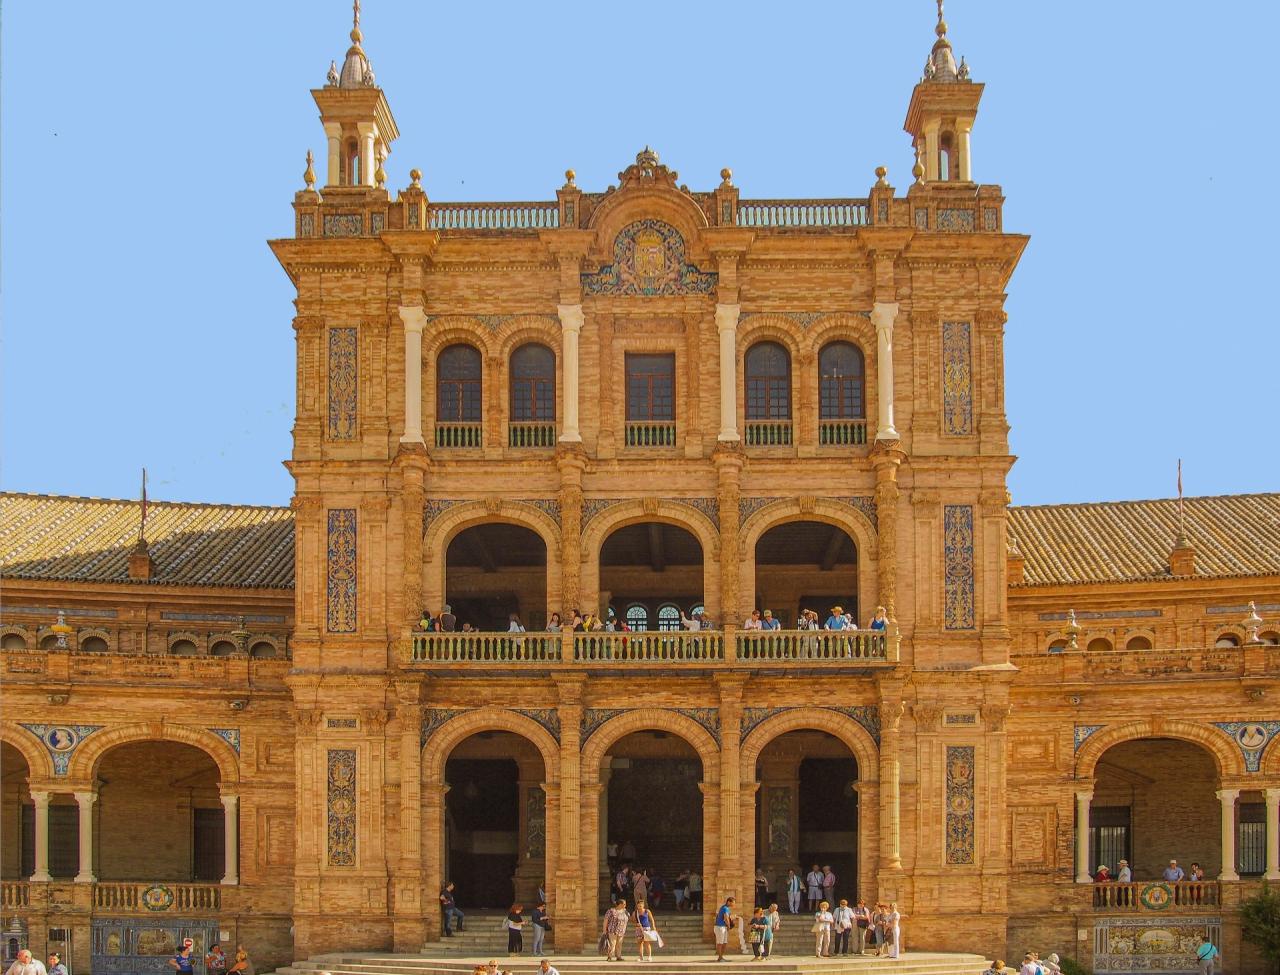 Sevilla - Plaza de Espania -  Edificio de estilo barroco